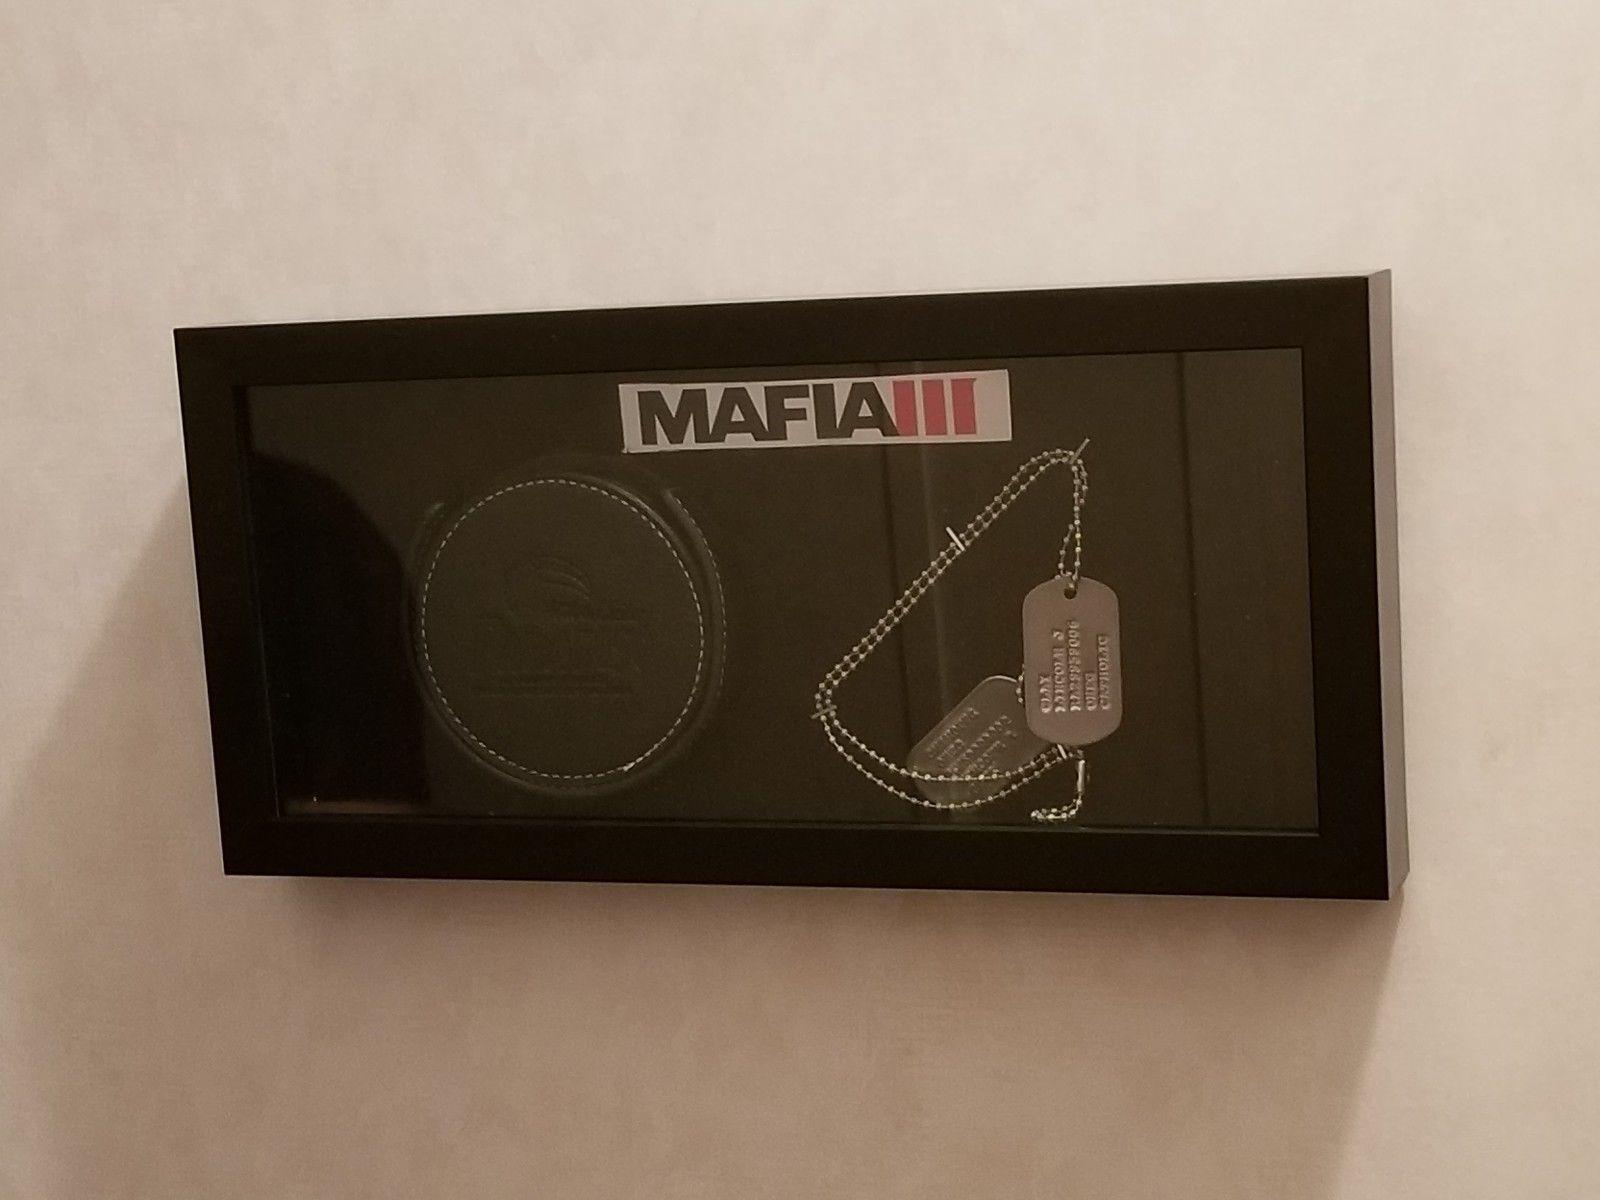 Video Game Memorabilia Mafia 3 Dog Tags and Coasters 2